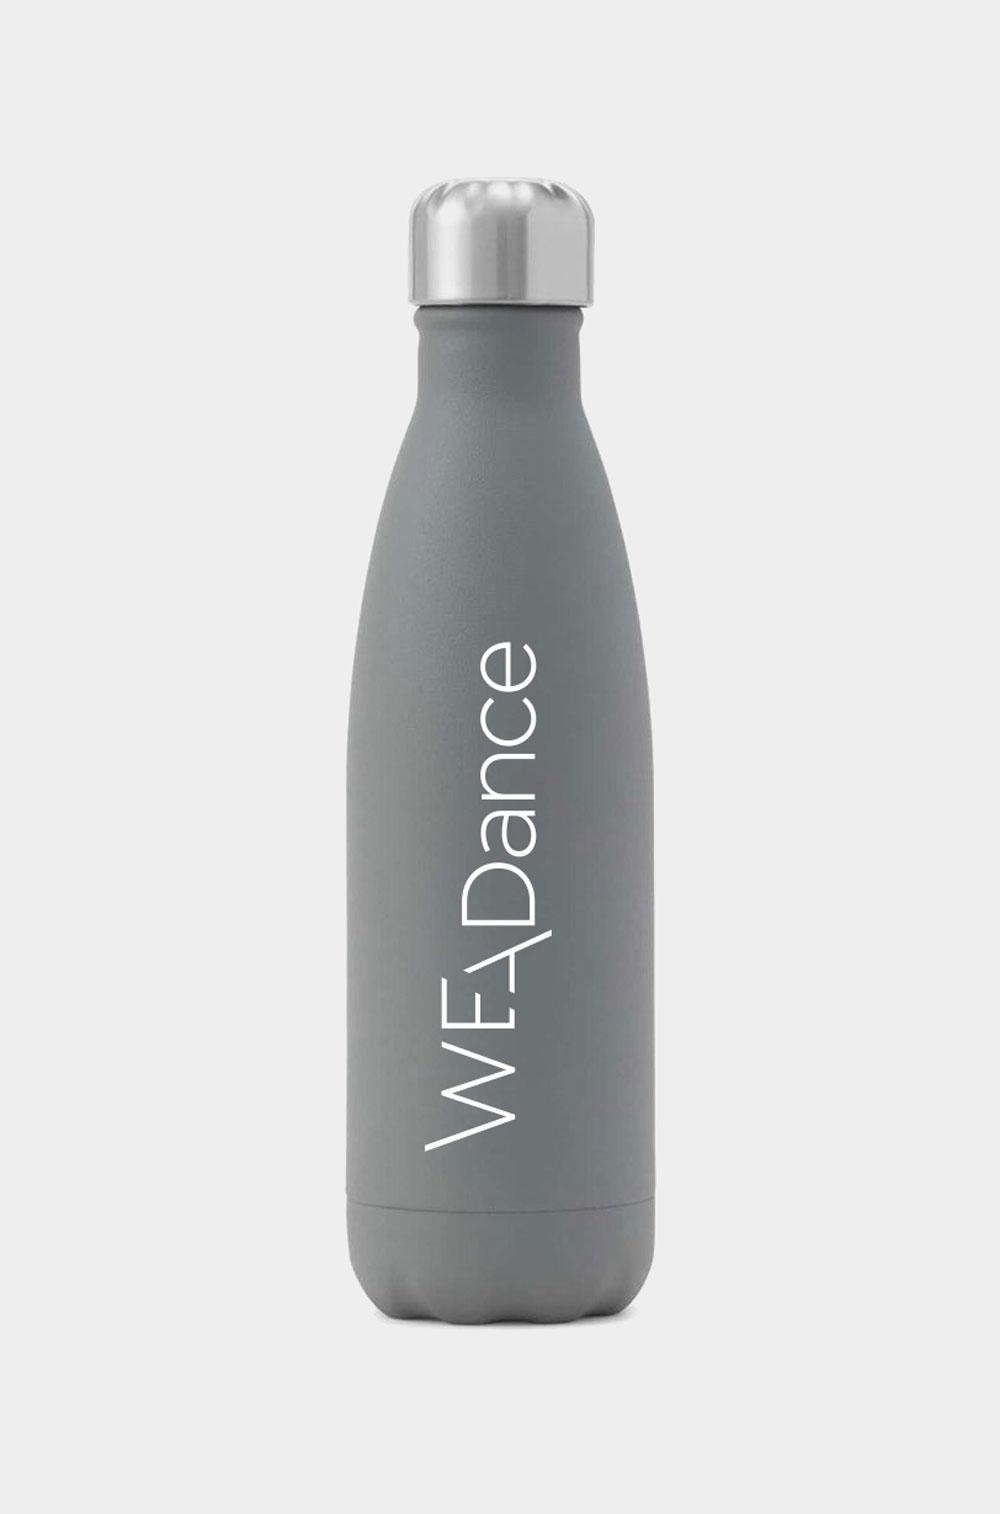 WEADance branded water bottle